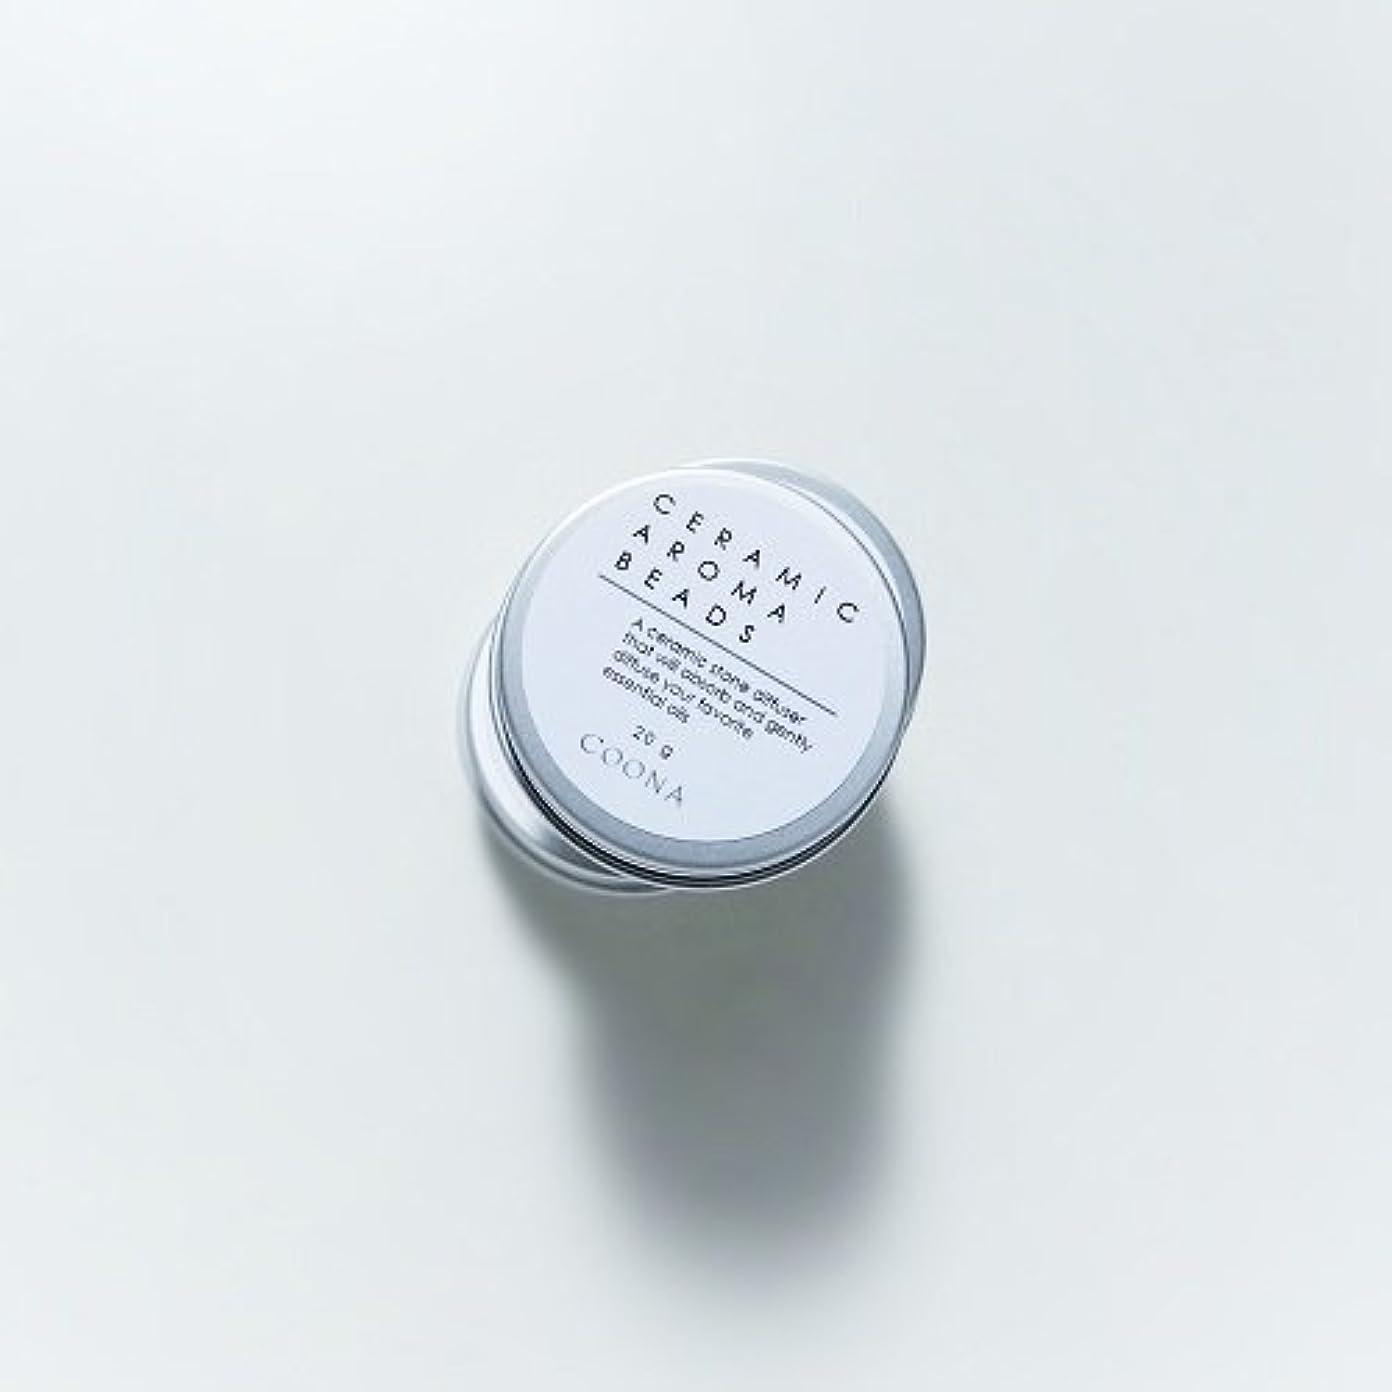 トイレしょっぱい非アクティブセラミックアロマビーズ(缶入り アロマストーン エコディフューザー)20g×1個